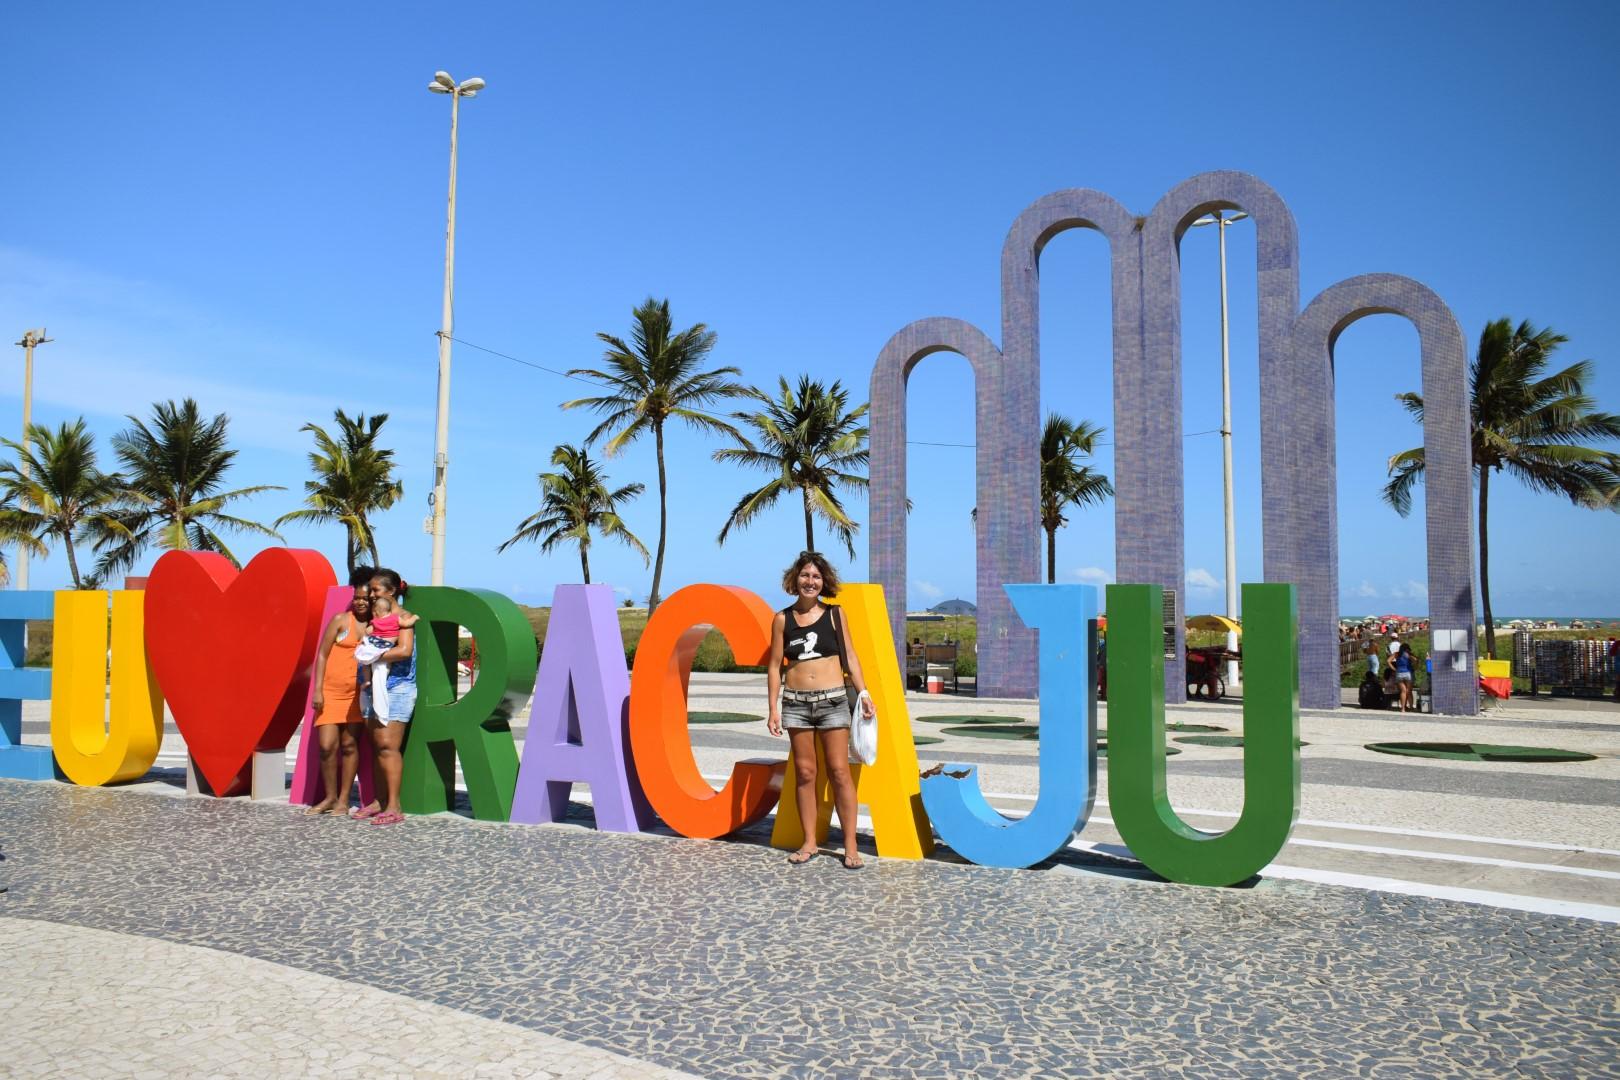 Arcos da Orla de Atalaia, Aracaju